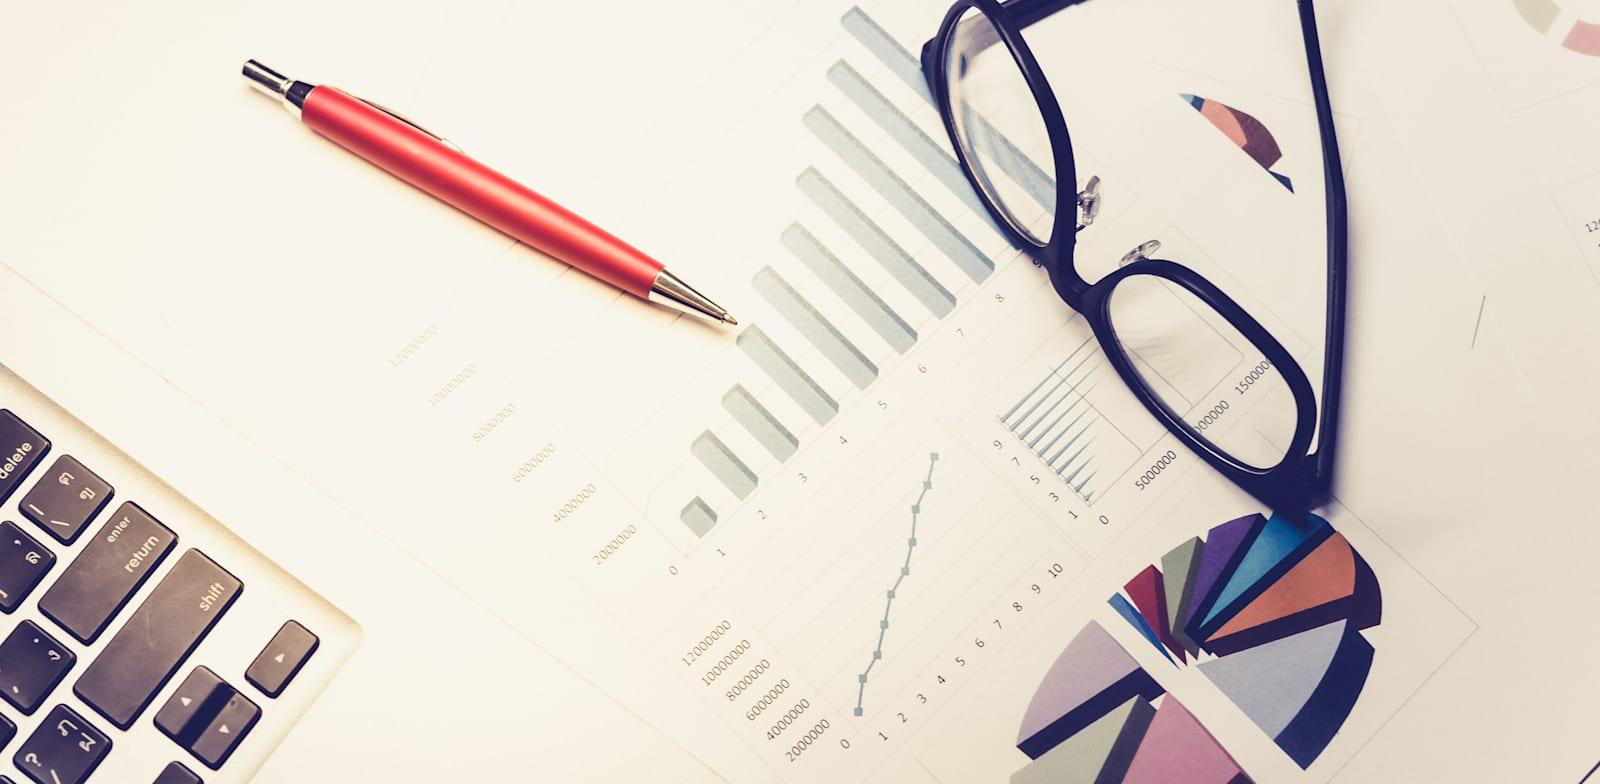 הבנה פיננסית בסיסית כמו חשיבה אסטרטגית, עשויה לשפר את הביצועים שלכם / צילום: Shutterstock